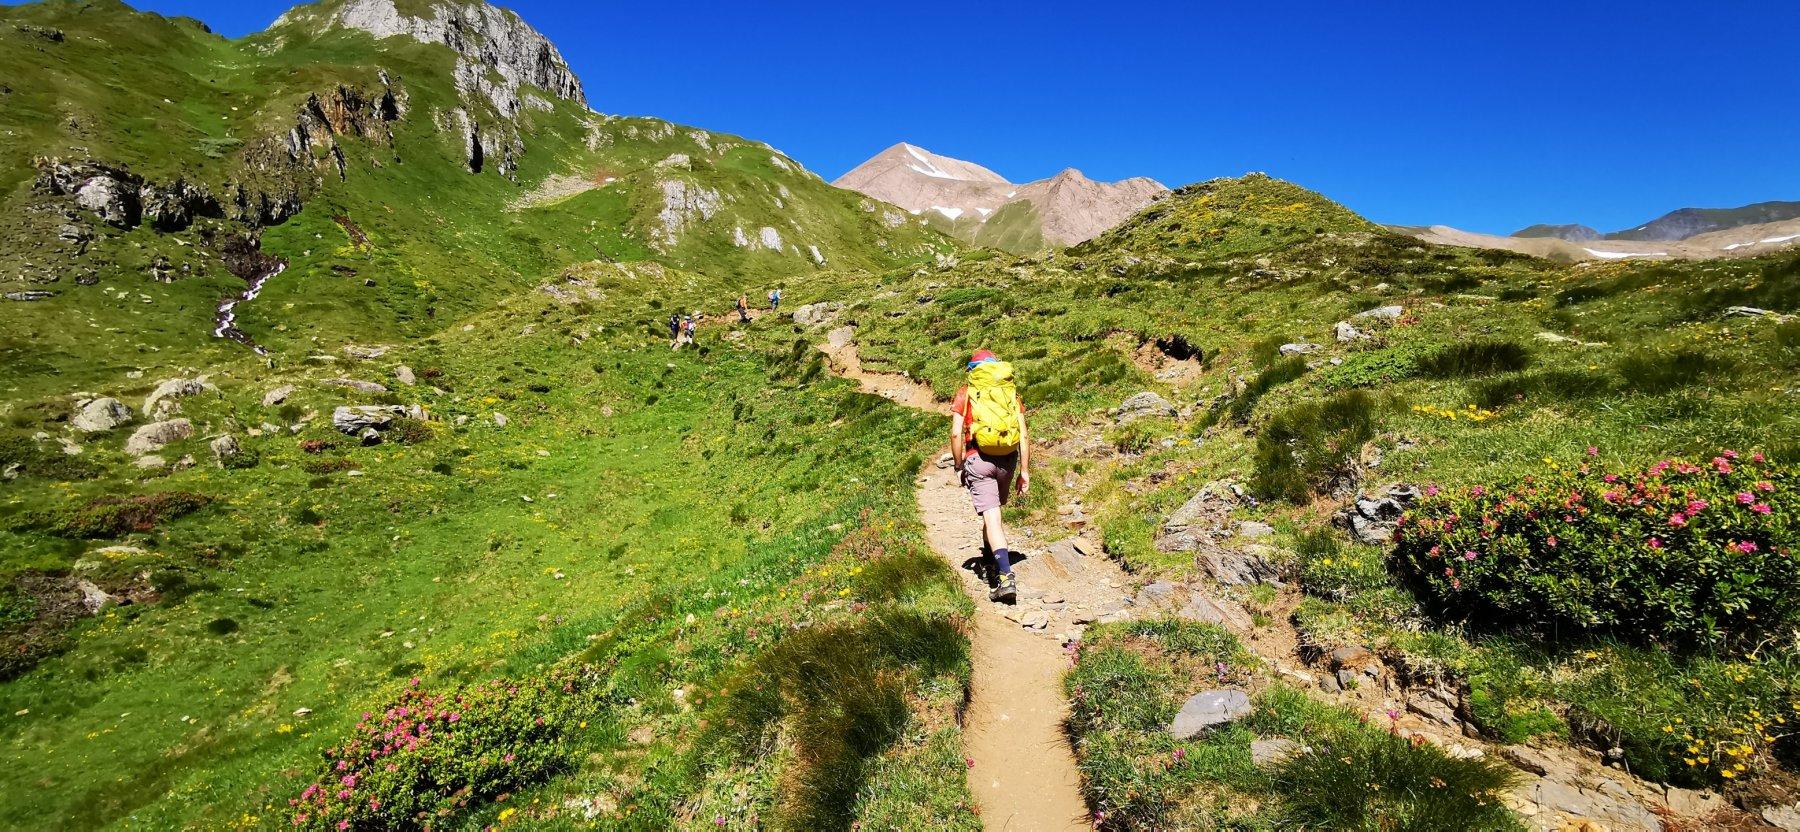 salendo verso il pianoro dell'Alpe Bettelmatt